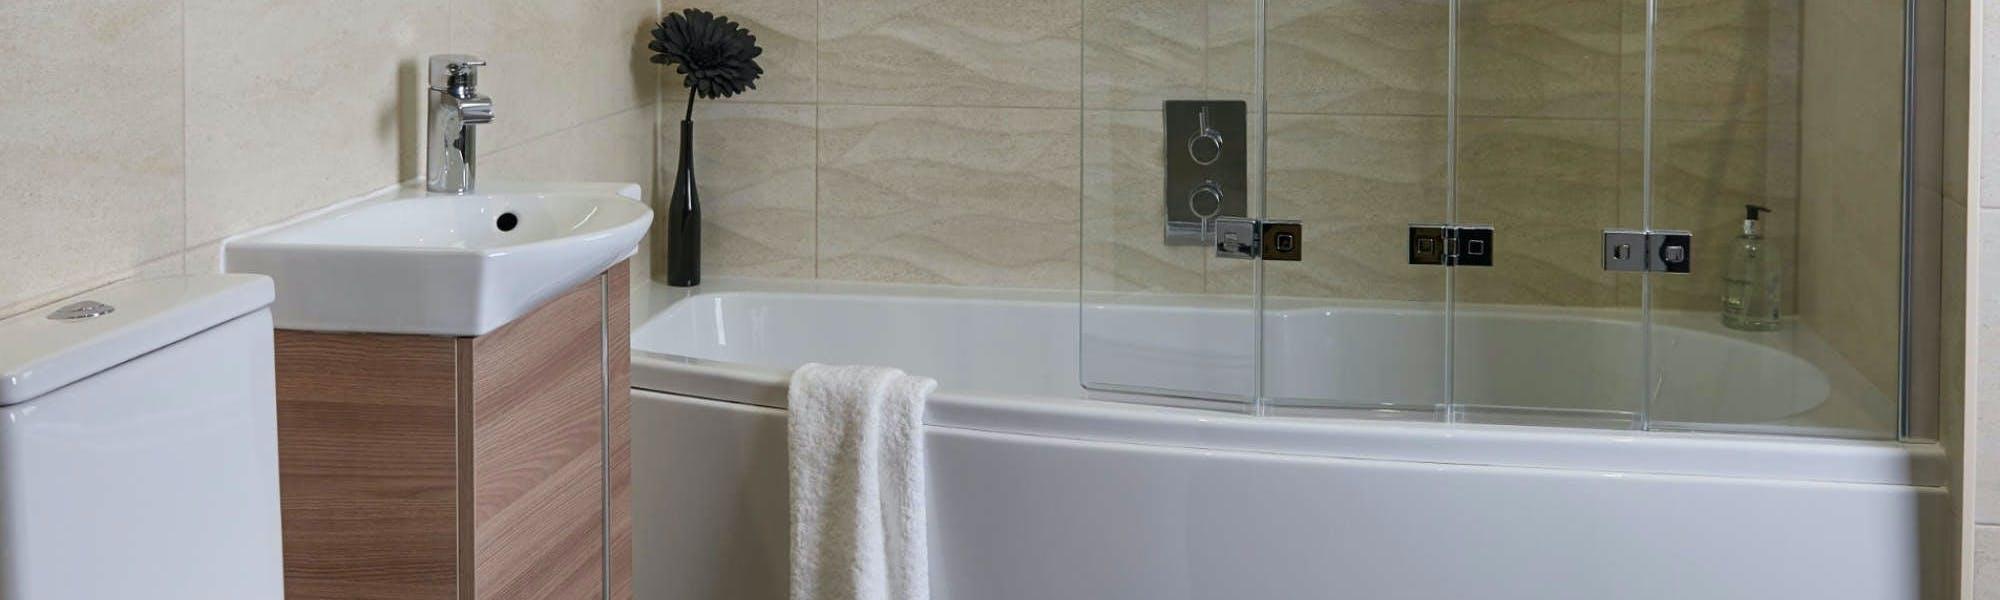 Small Bathroom Suites   Designs & Installation by More Bathrooms